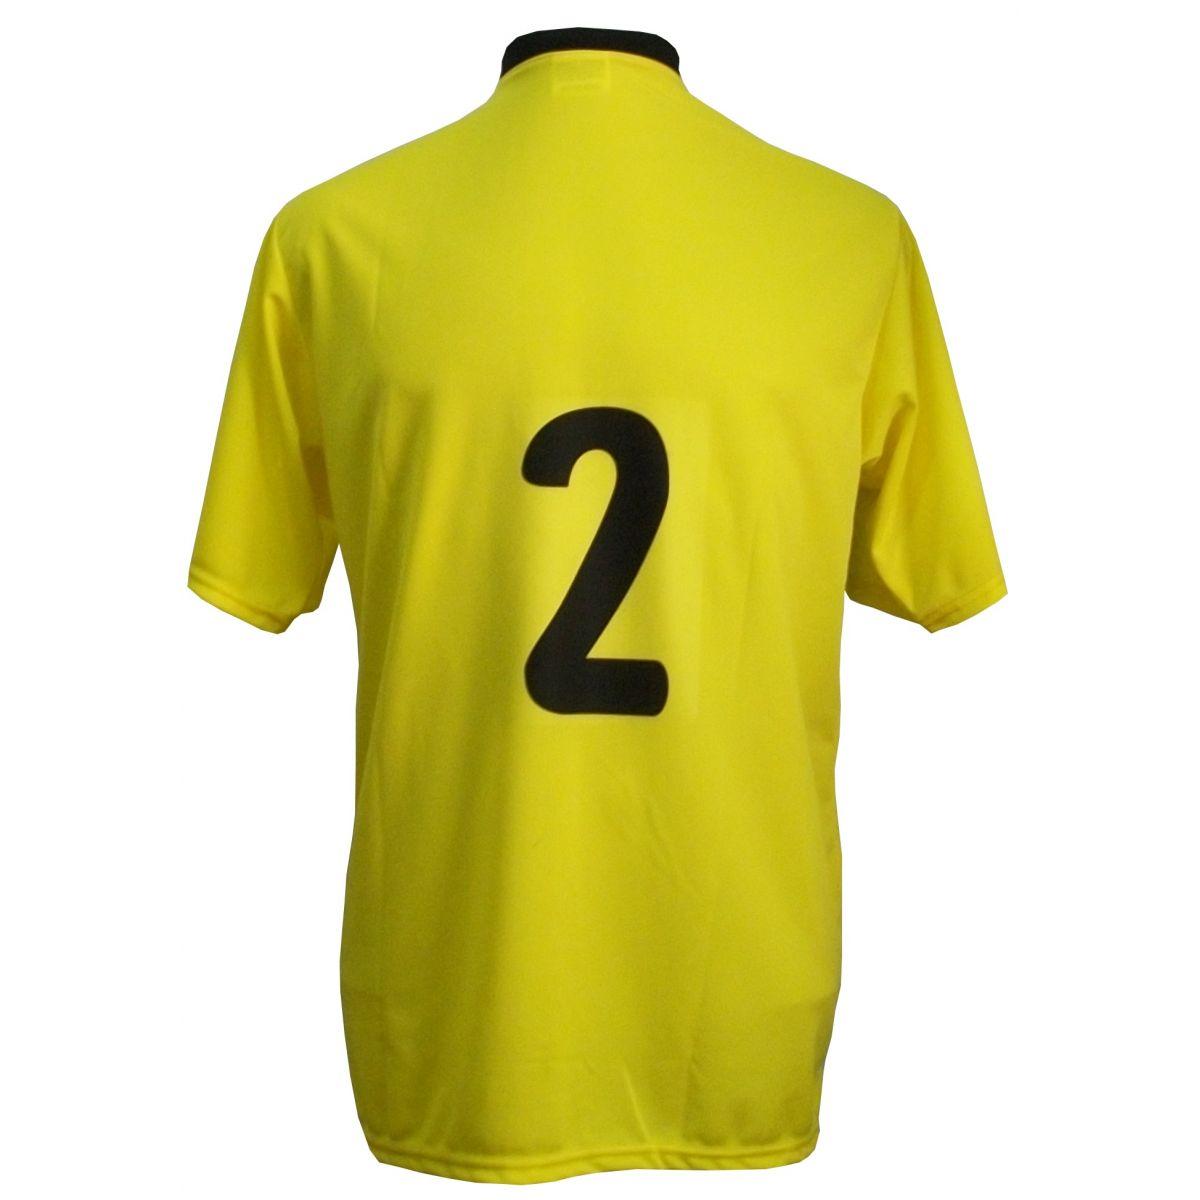 Jogo de Camisa com 14 unidades modelo PSG Amarelo/Preto/Verde + 1 Goleiro + Brindes